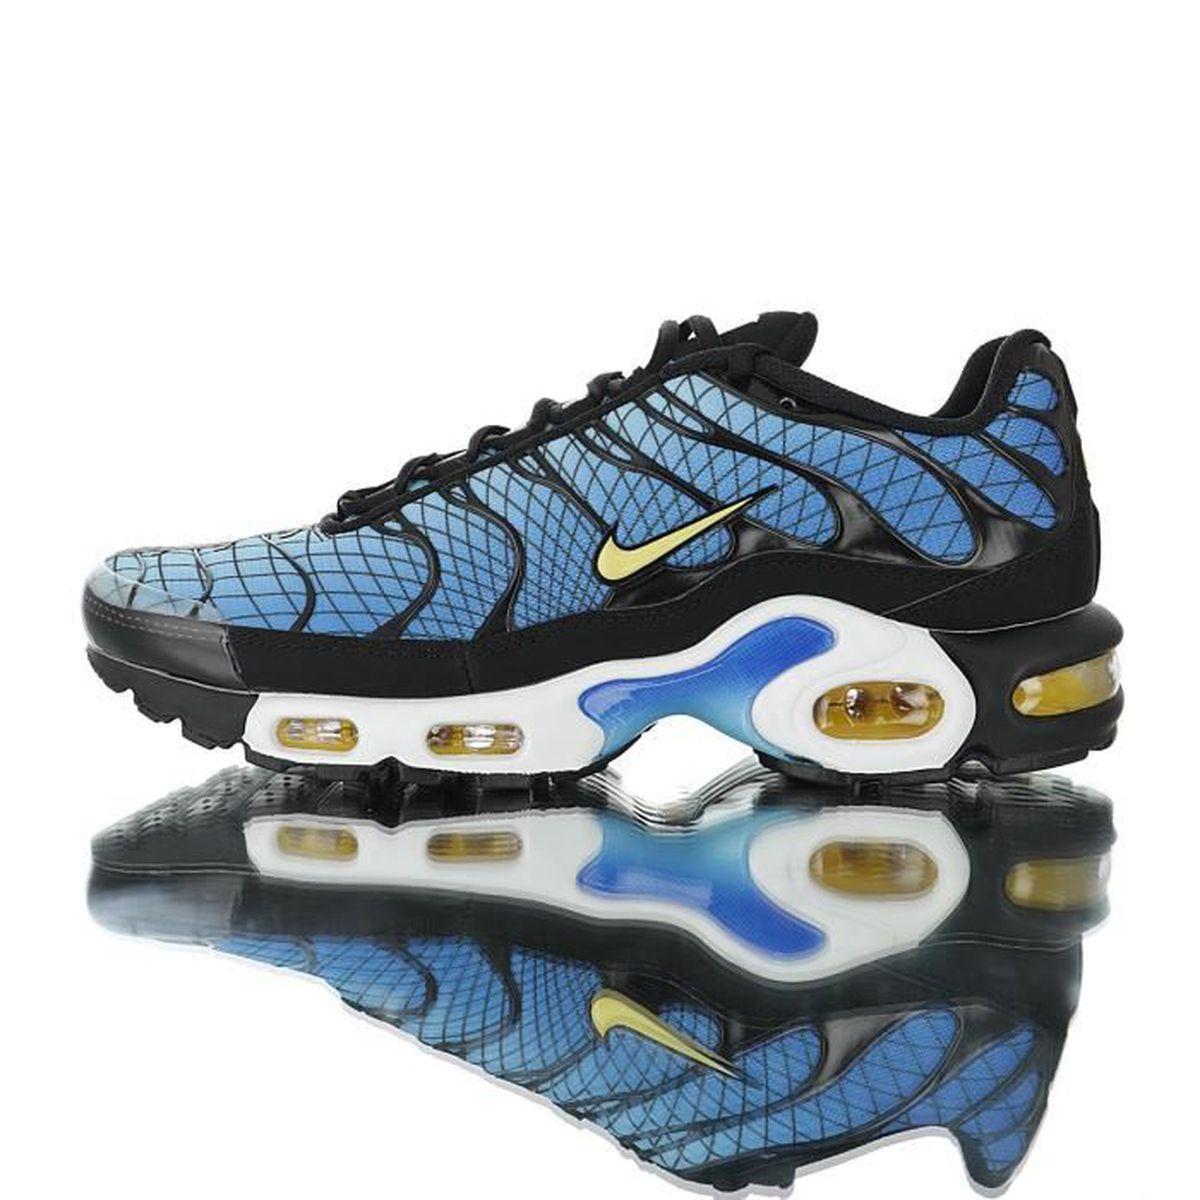 Baskets Nike Air Max TN Plus TXT Tuned 1 Homme Bleu